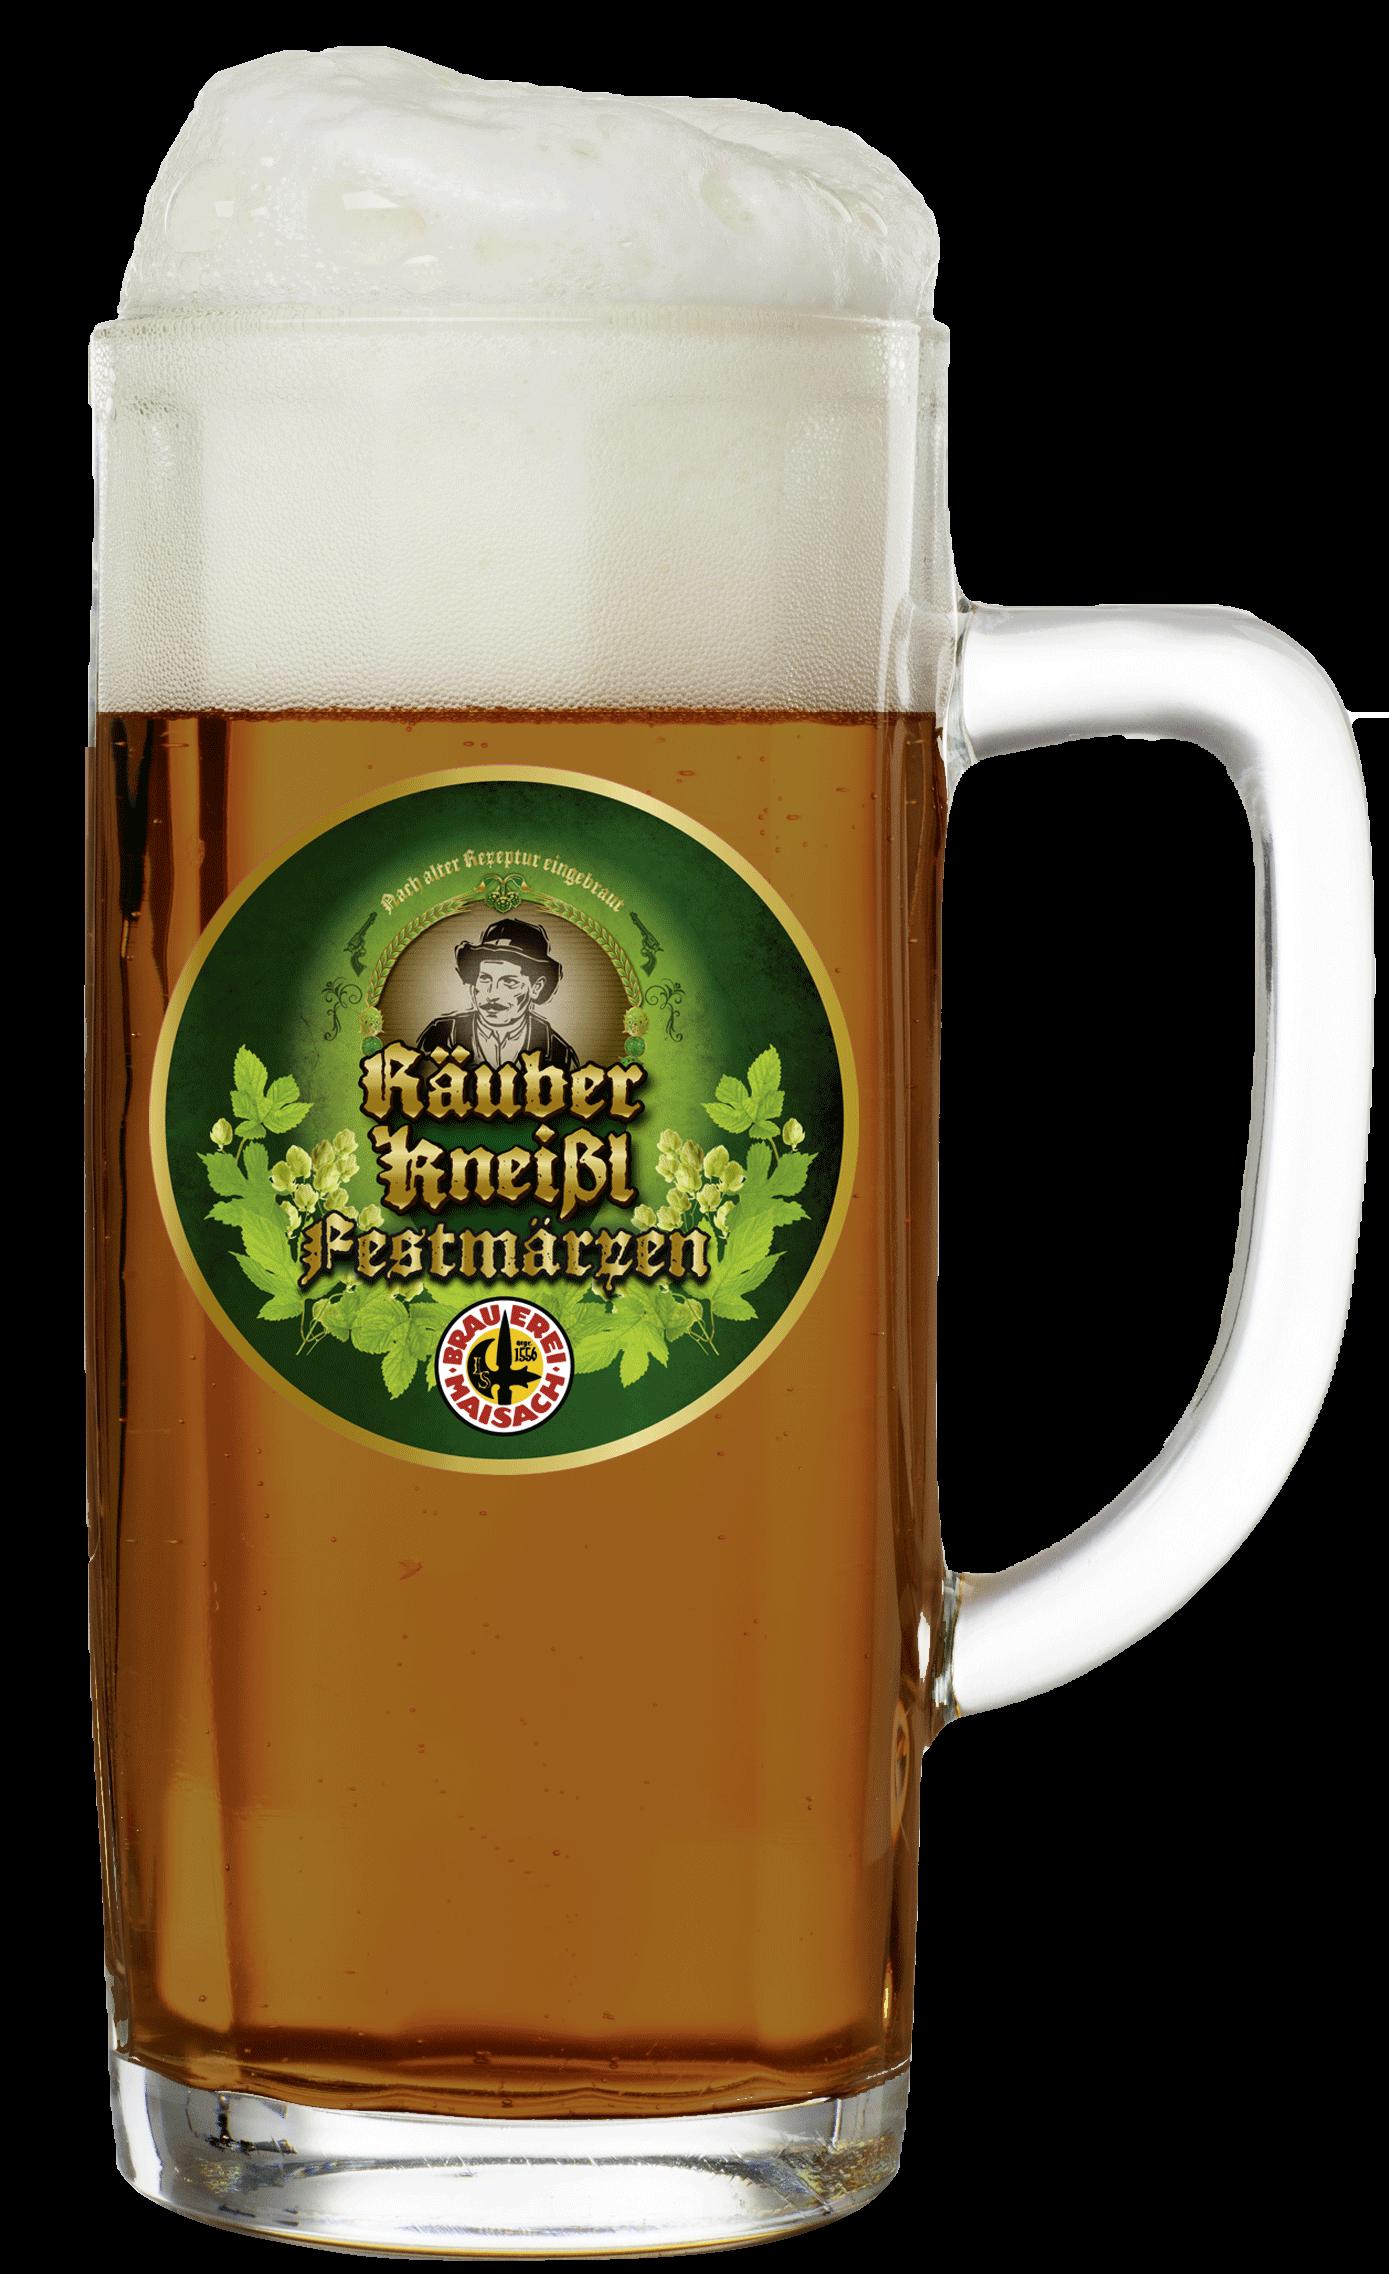 Brauerei Maisach - Festmärzen